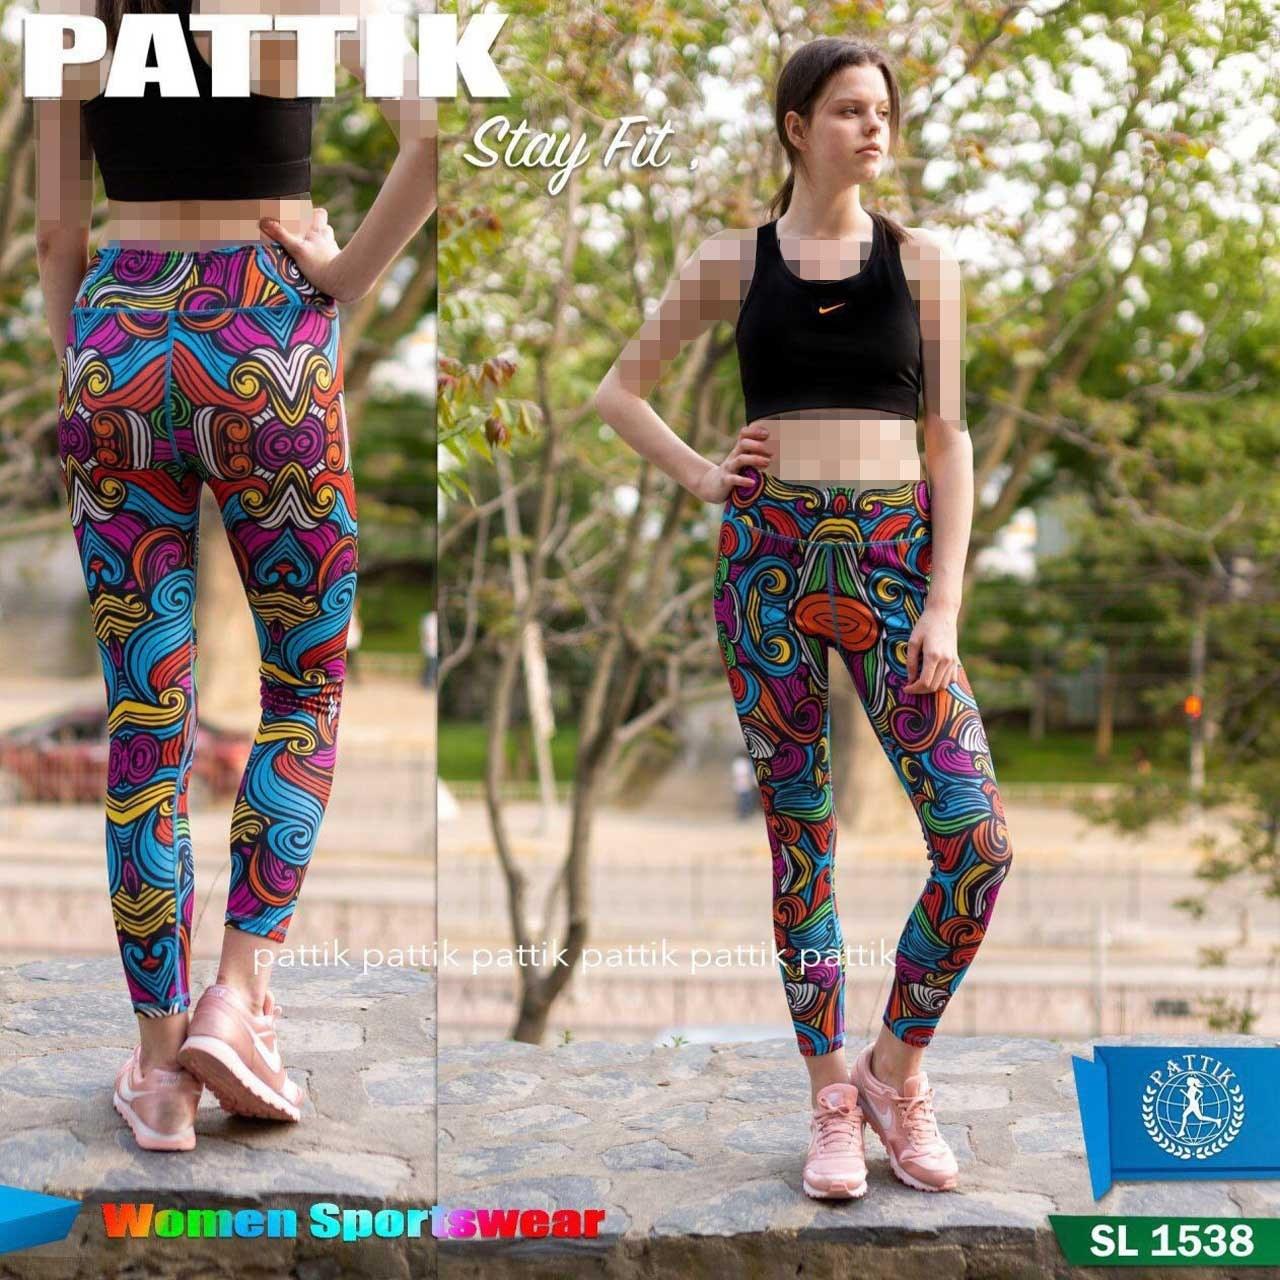 تصویر لگ ورزشی زنانه پاتیک SL-1538 PATTIK SL-1538 Women's Sports Leggings